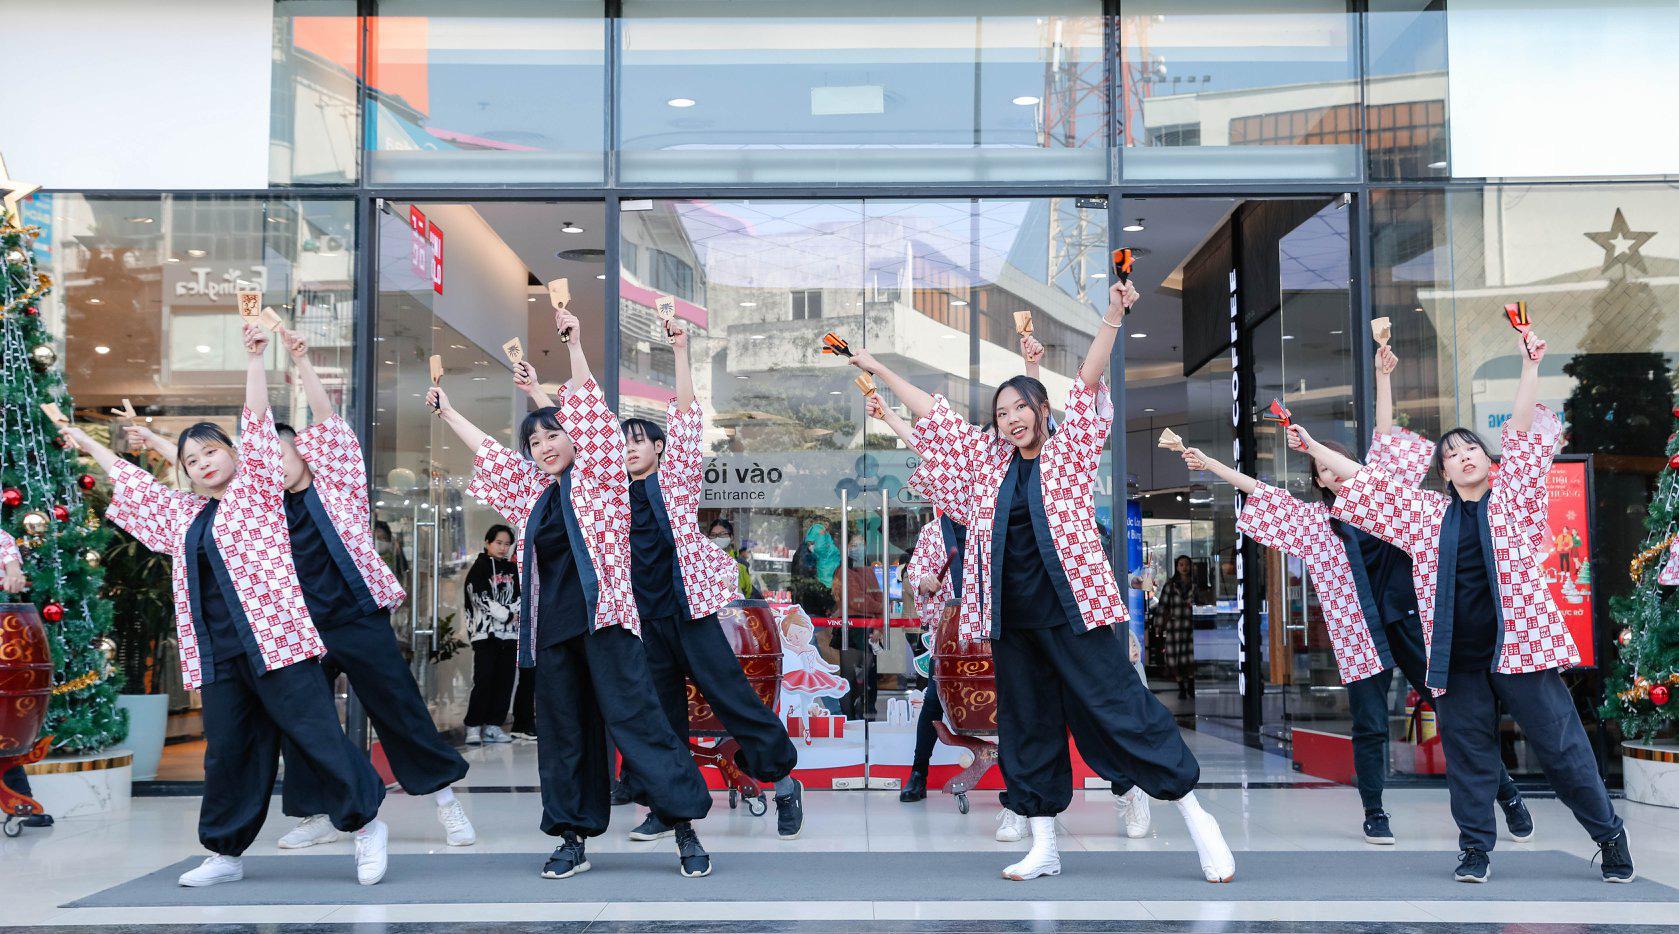 UNIQLO gửi gắm thông điệp mừng năm mới qua vũ điệu Yosakoi đậm chất Nhật - Ảnh 10.